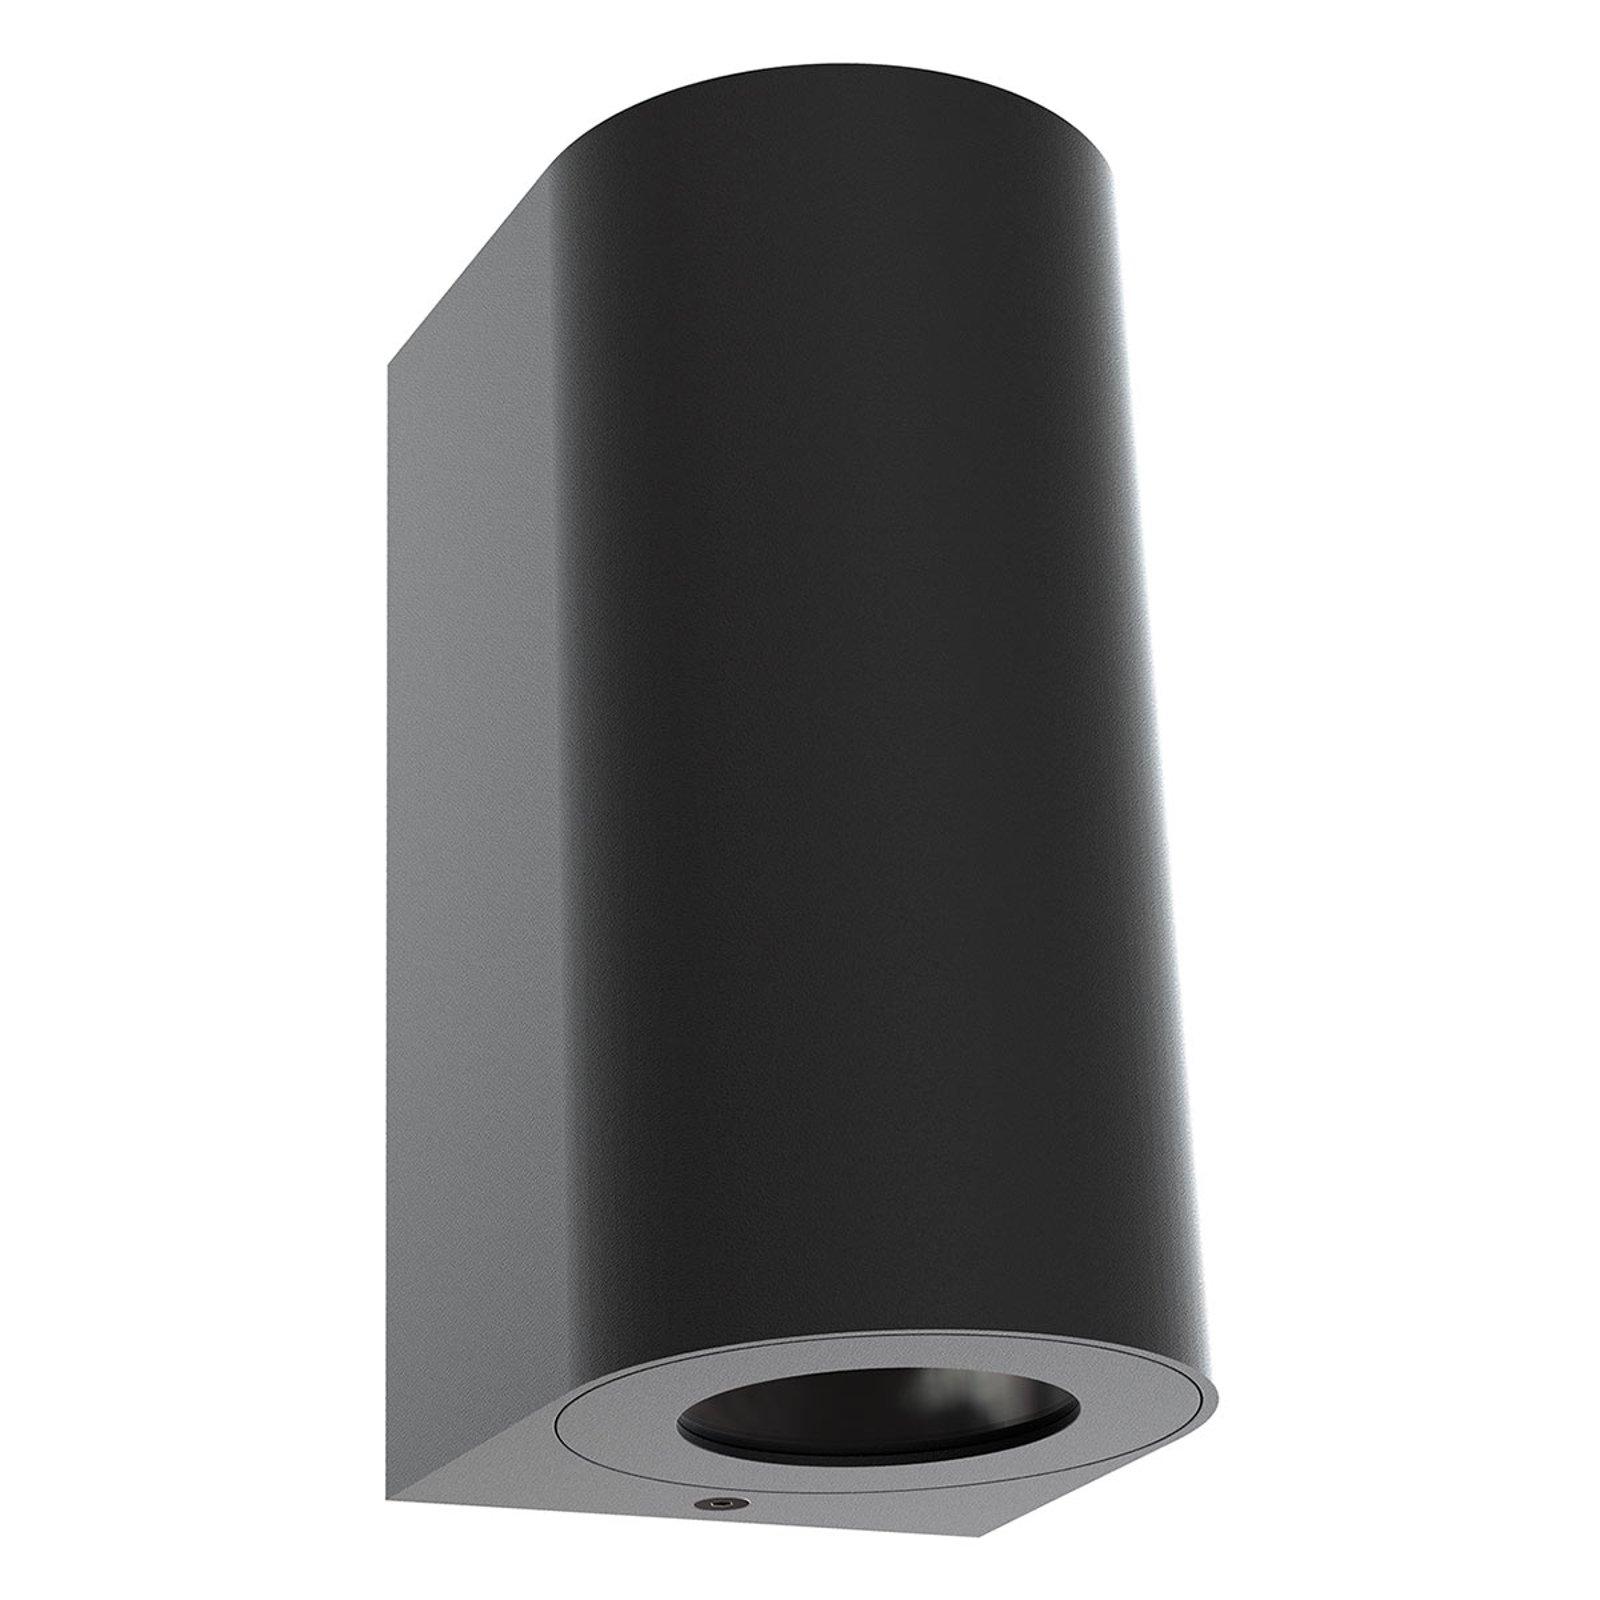 Utendørs vegglampe Canto Maxi 2, svart